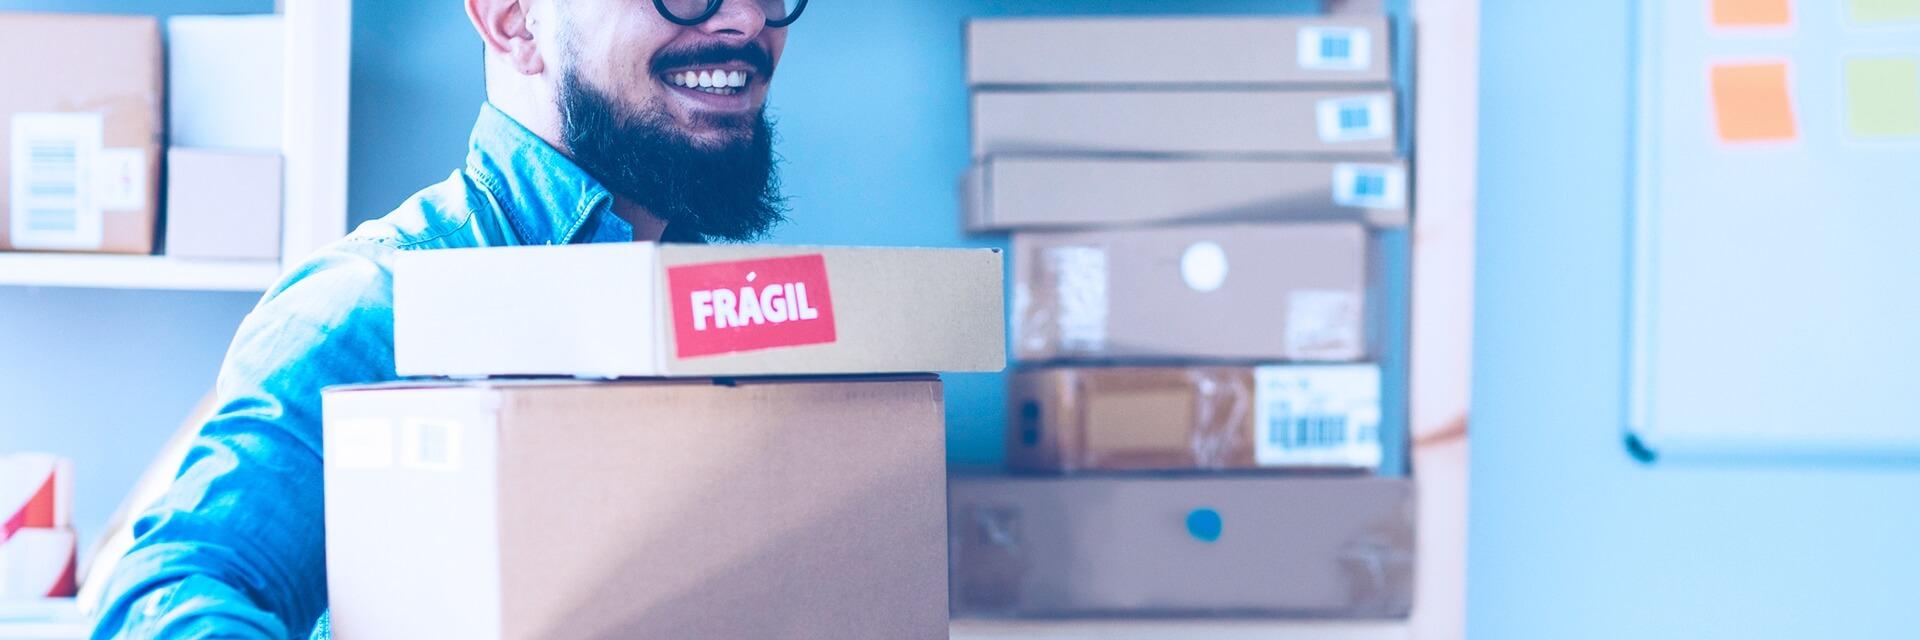 Homem com caixas de venda online para envio